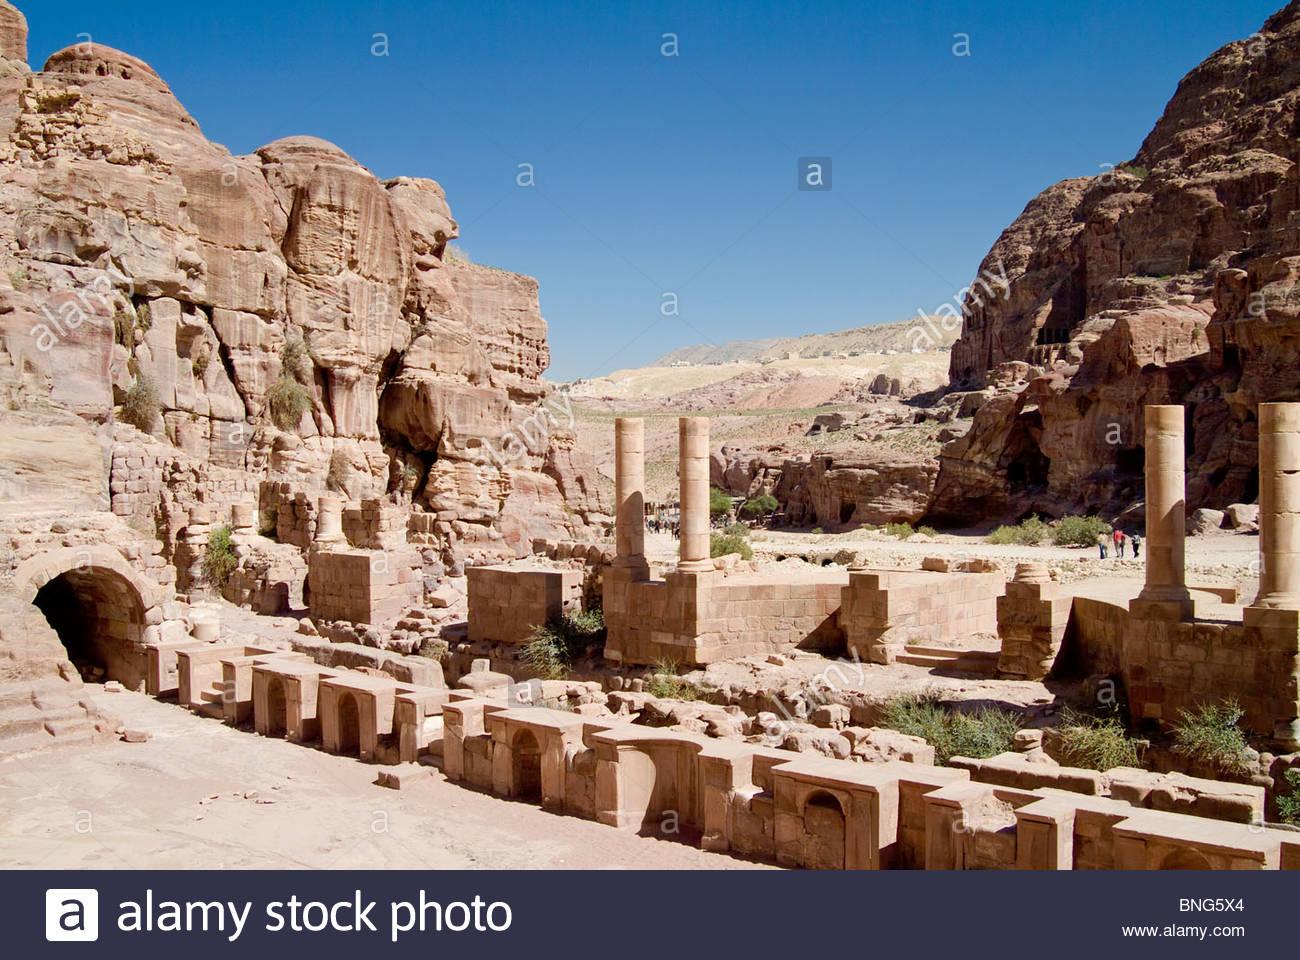 Römisches Amphitheater, Petra, Jordanien Stockbild